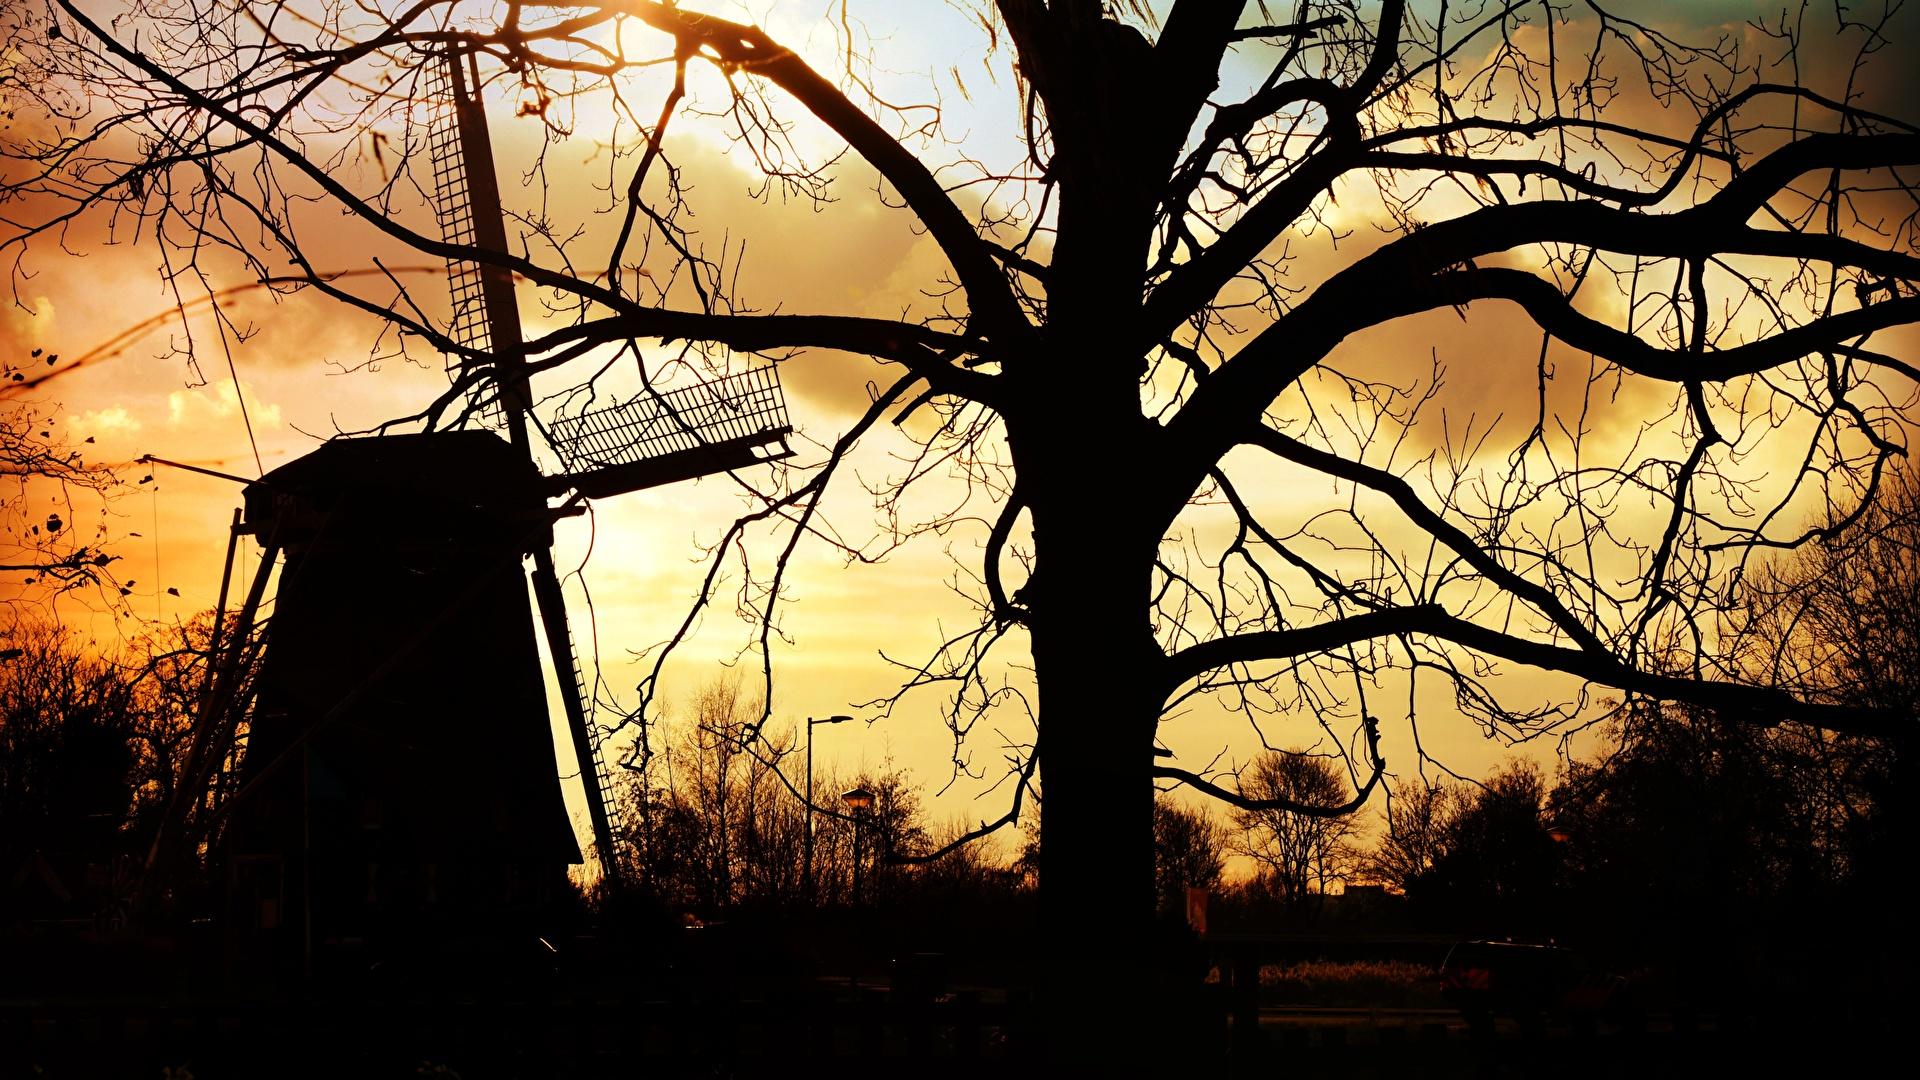 Фотография ветряная мельница силуэта Природа ветвь дерево 1920x1080 Мельница мельницы Силуэт силуэты Ветки ветка на ветке дерева Деревья деревьев